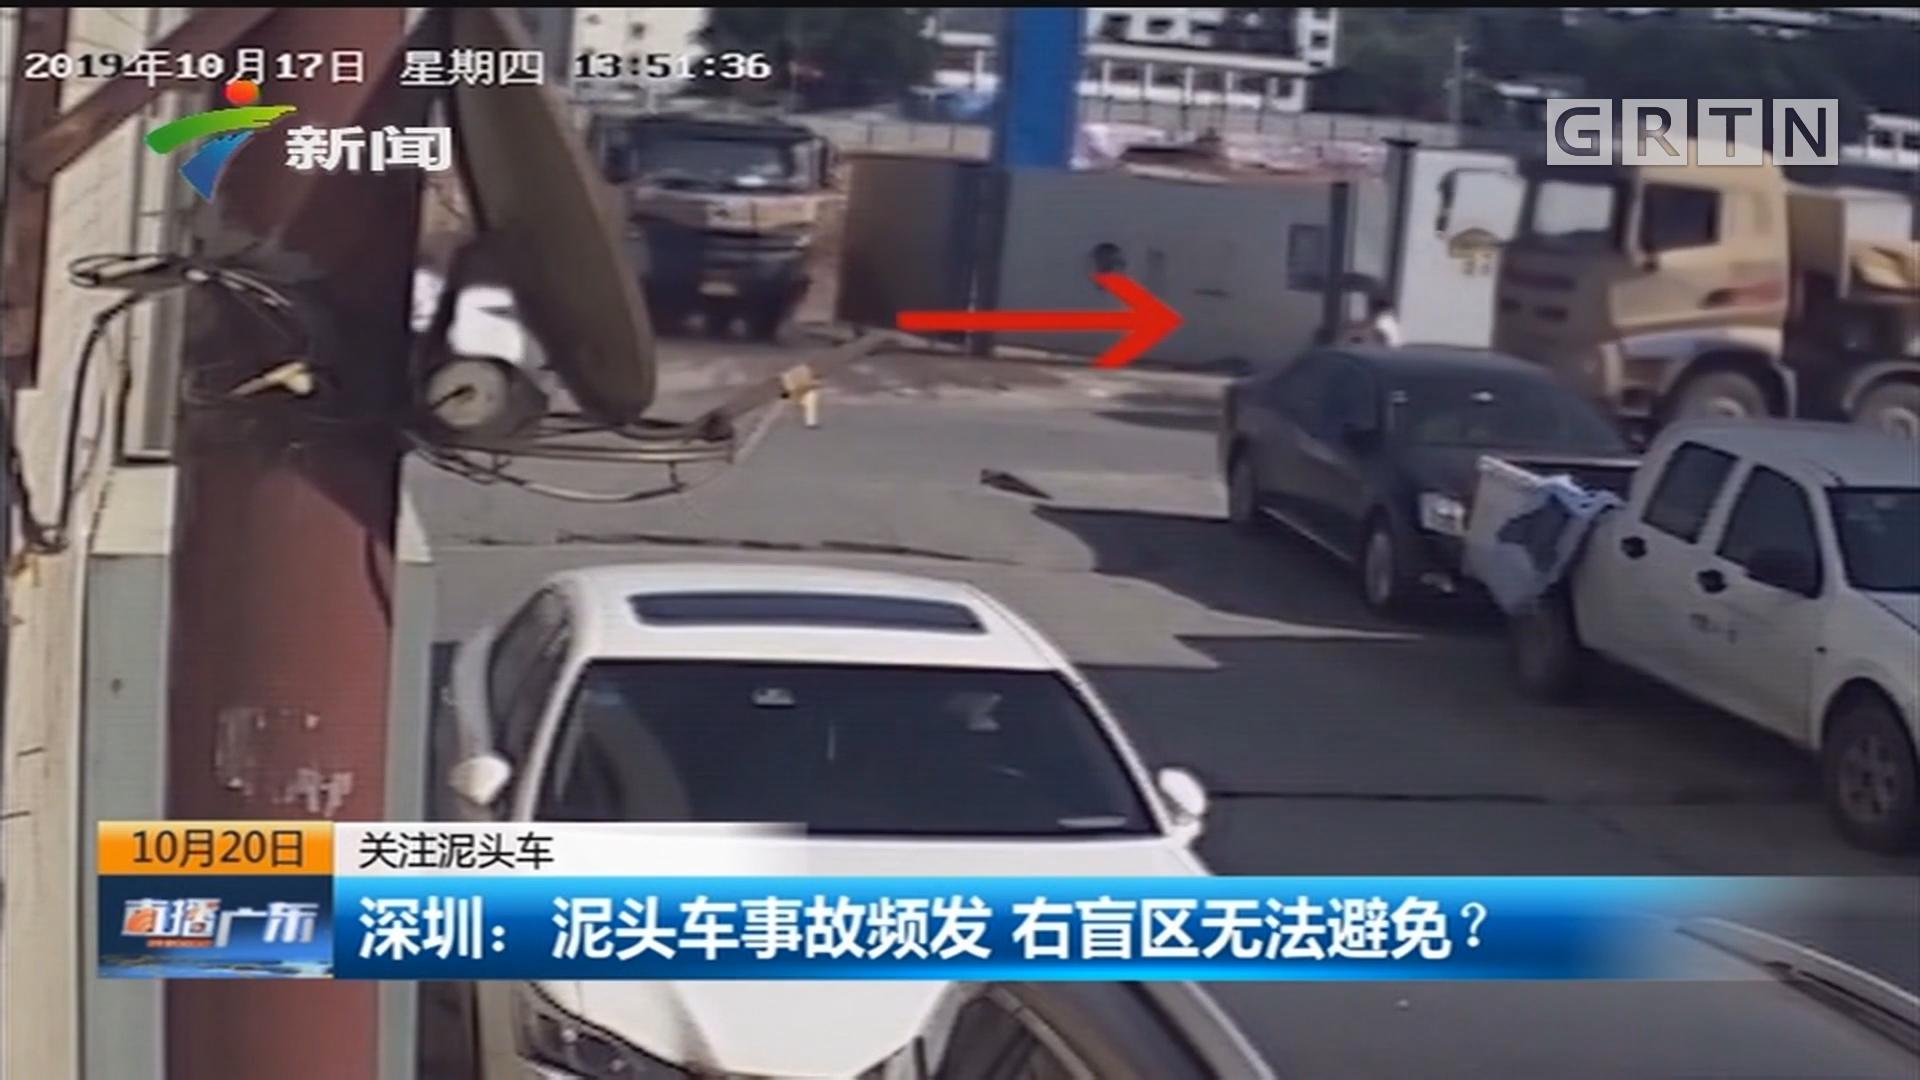 关注泥头车 深圳:泥头车事故频发 右盲区无法避免?